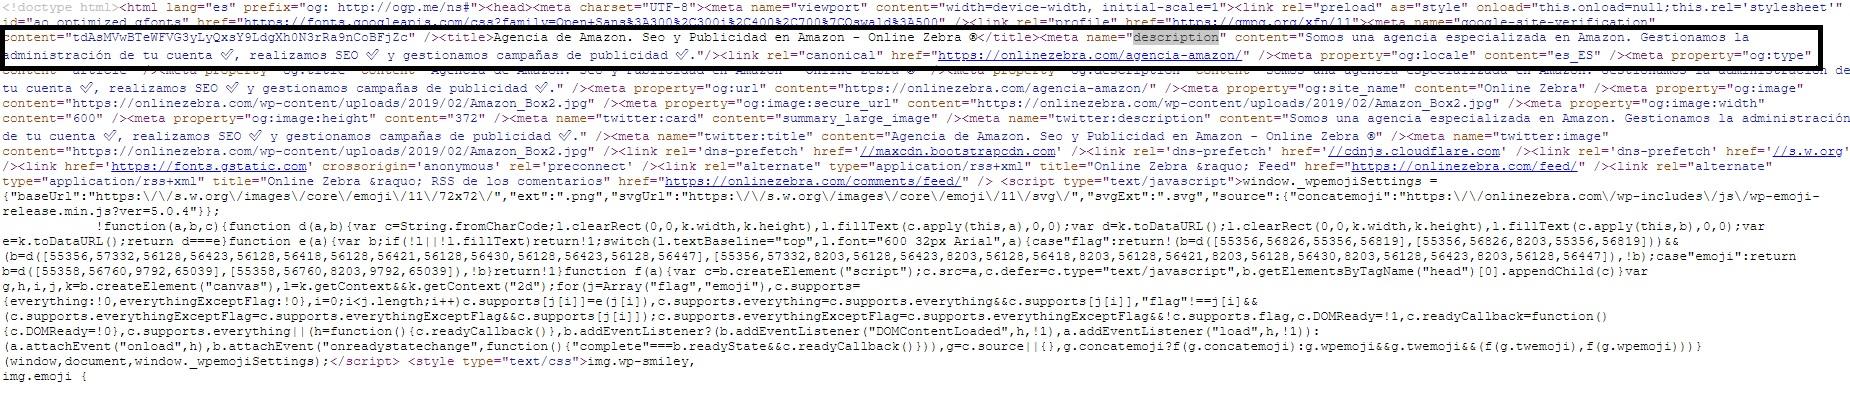 Código fuente Meta Description